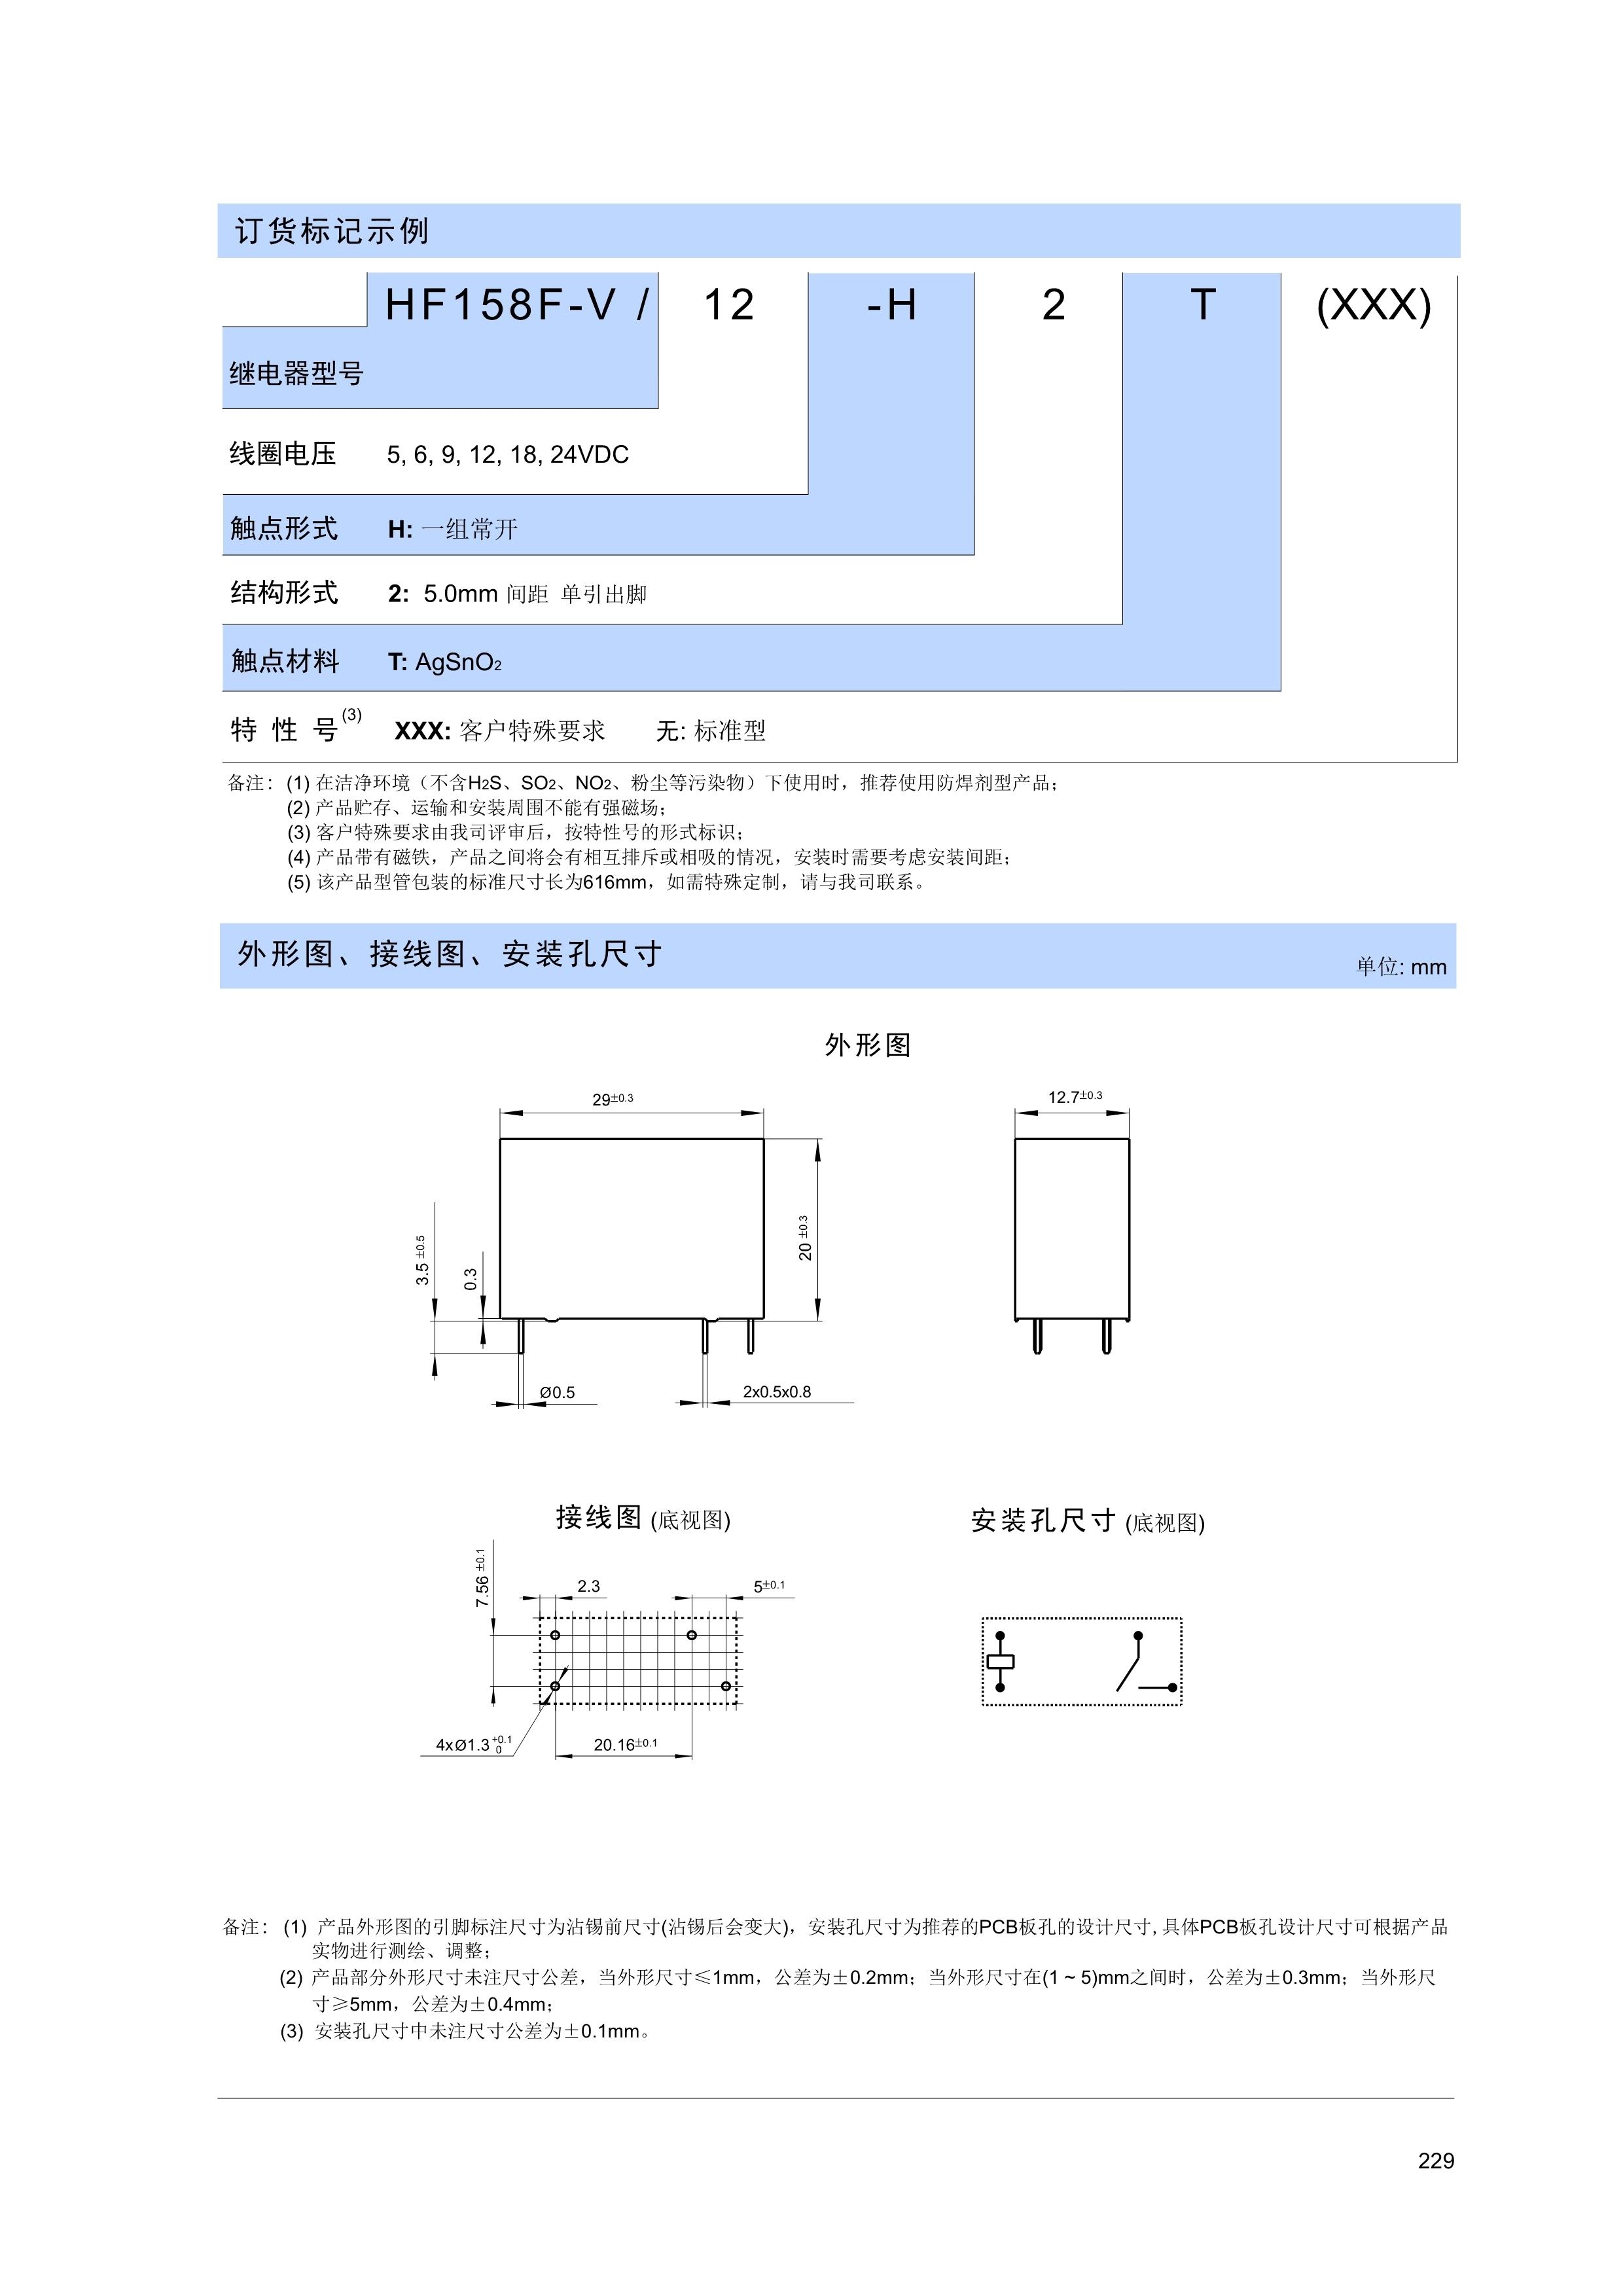 HF158F-V_1_pole_cn_2